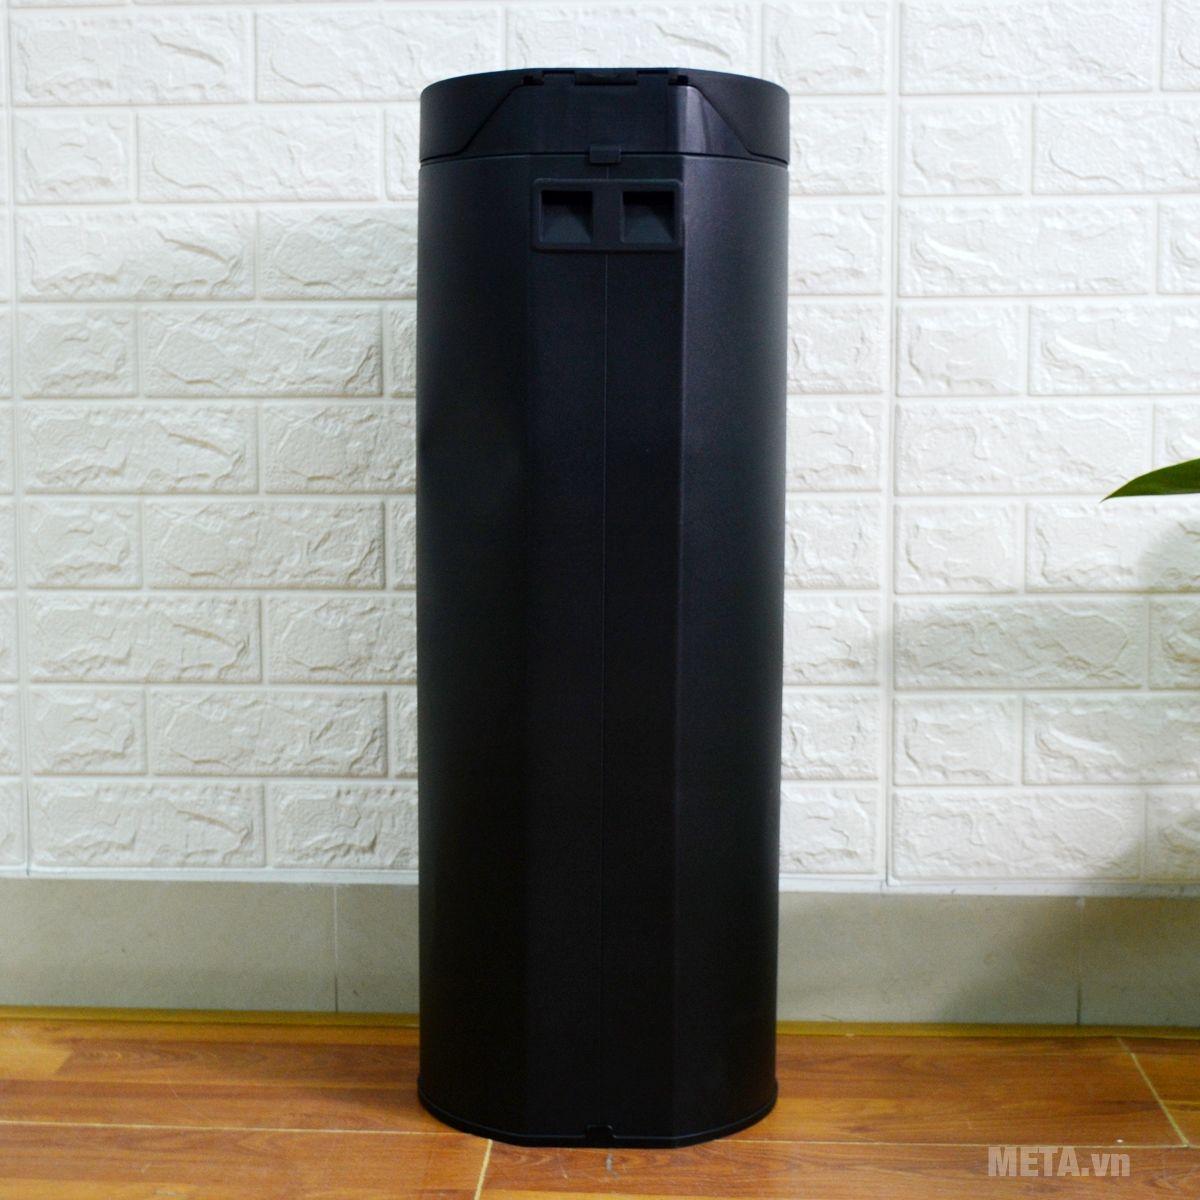 Mặt sau của thùng rác chống khuẩn Fitis RPL1-903